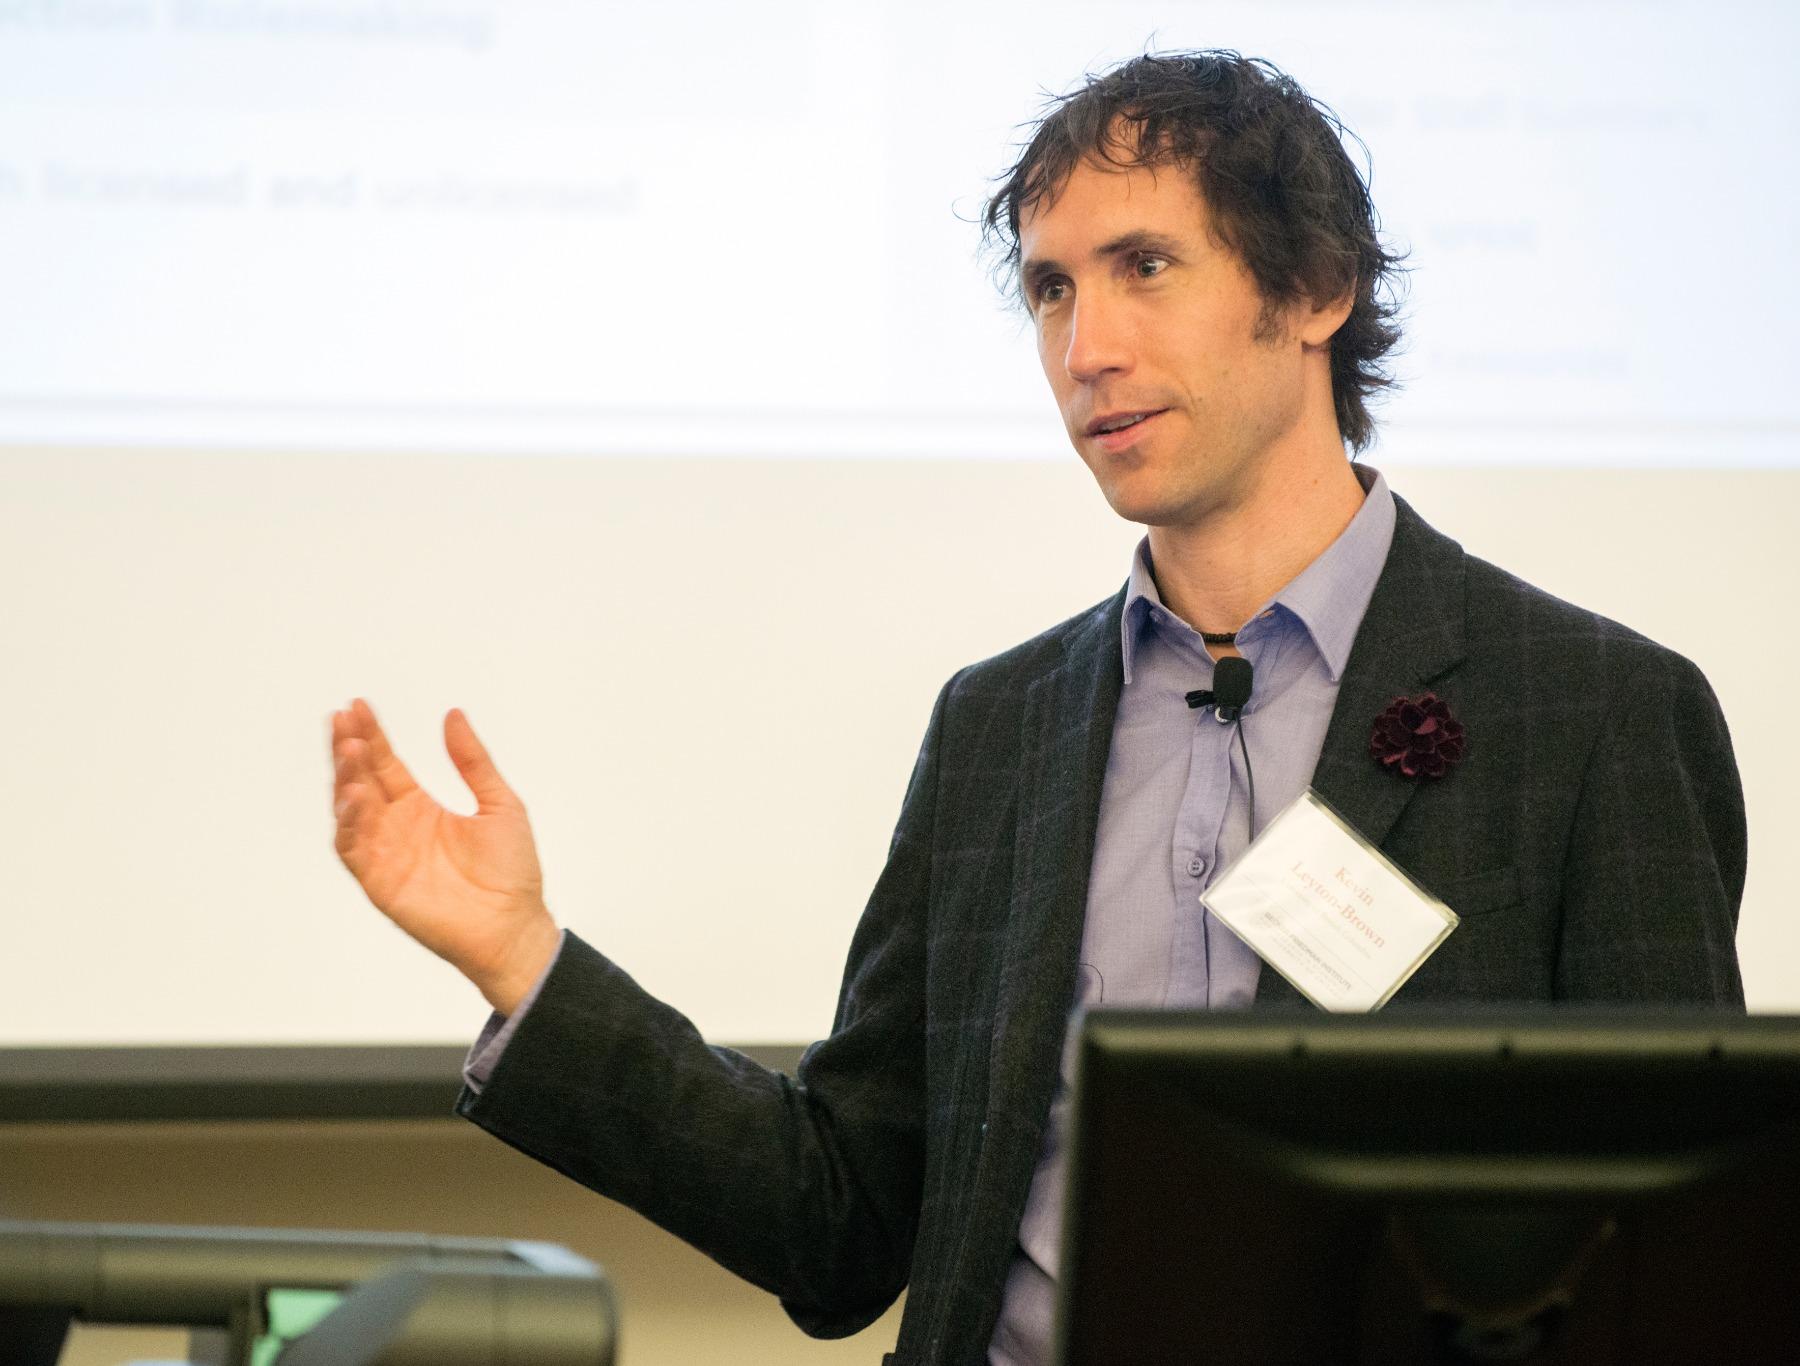 Prof. Kevin Leyton-Brown